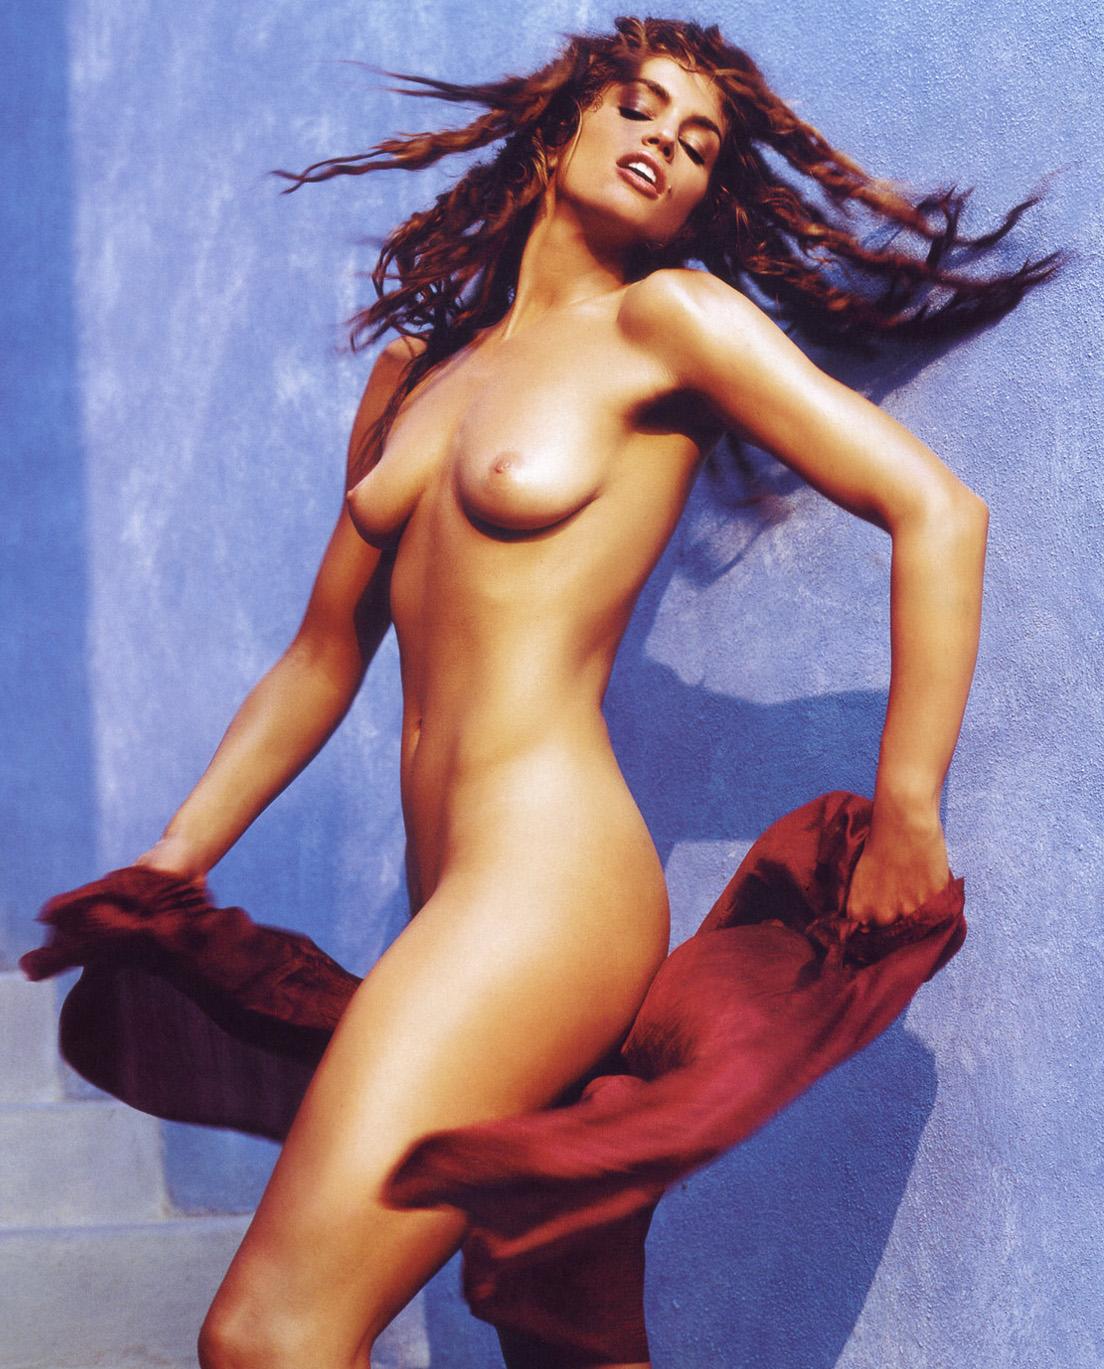 Фото голые знаменитости мексики